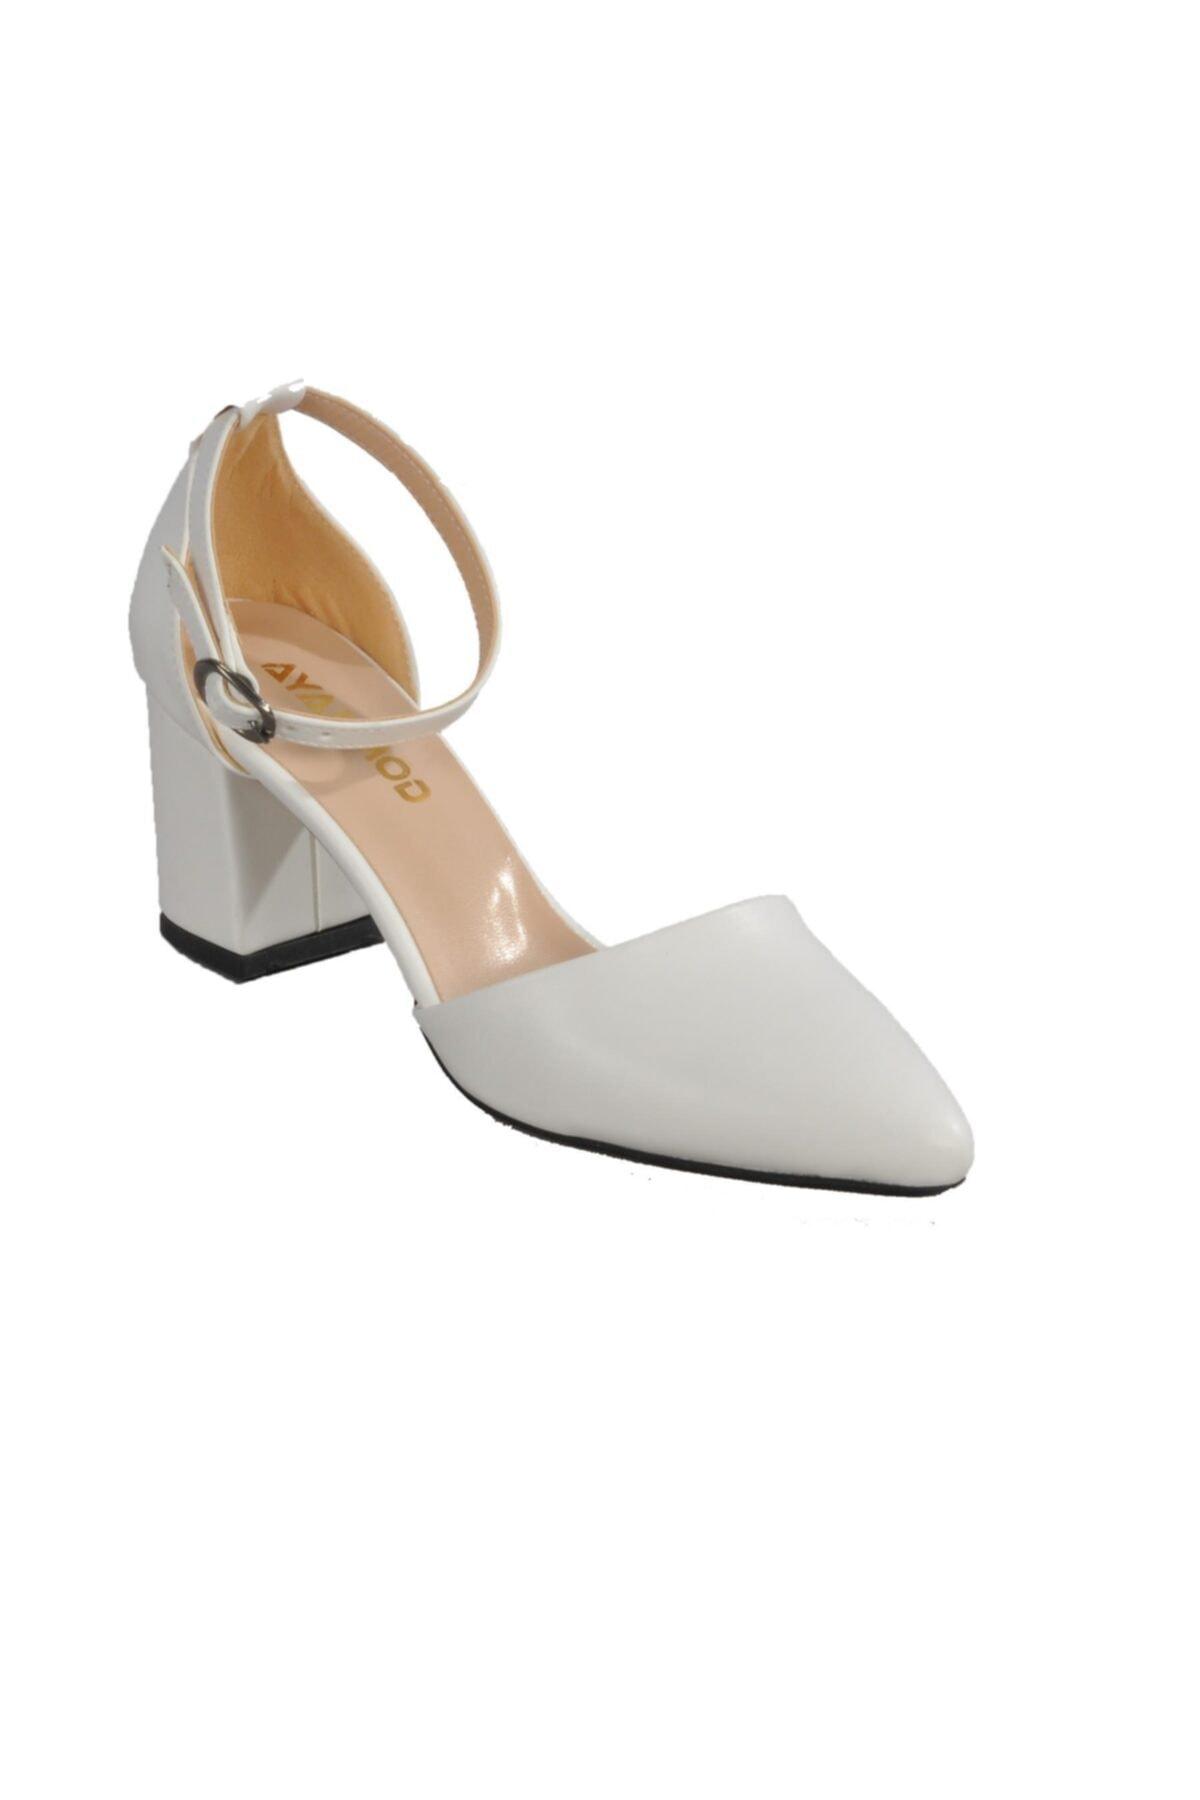 Maje Kadın Beyaz Topuklu Ayakkabı 1